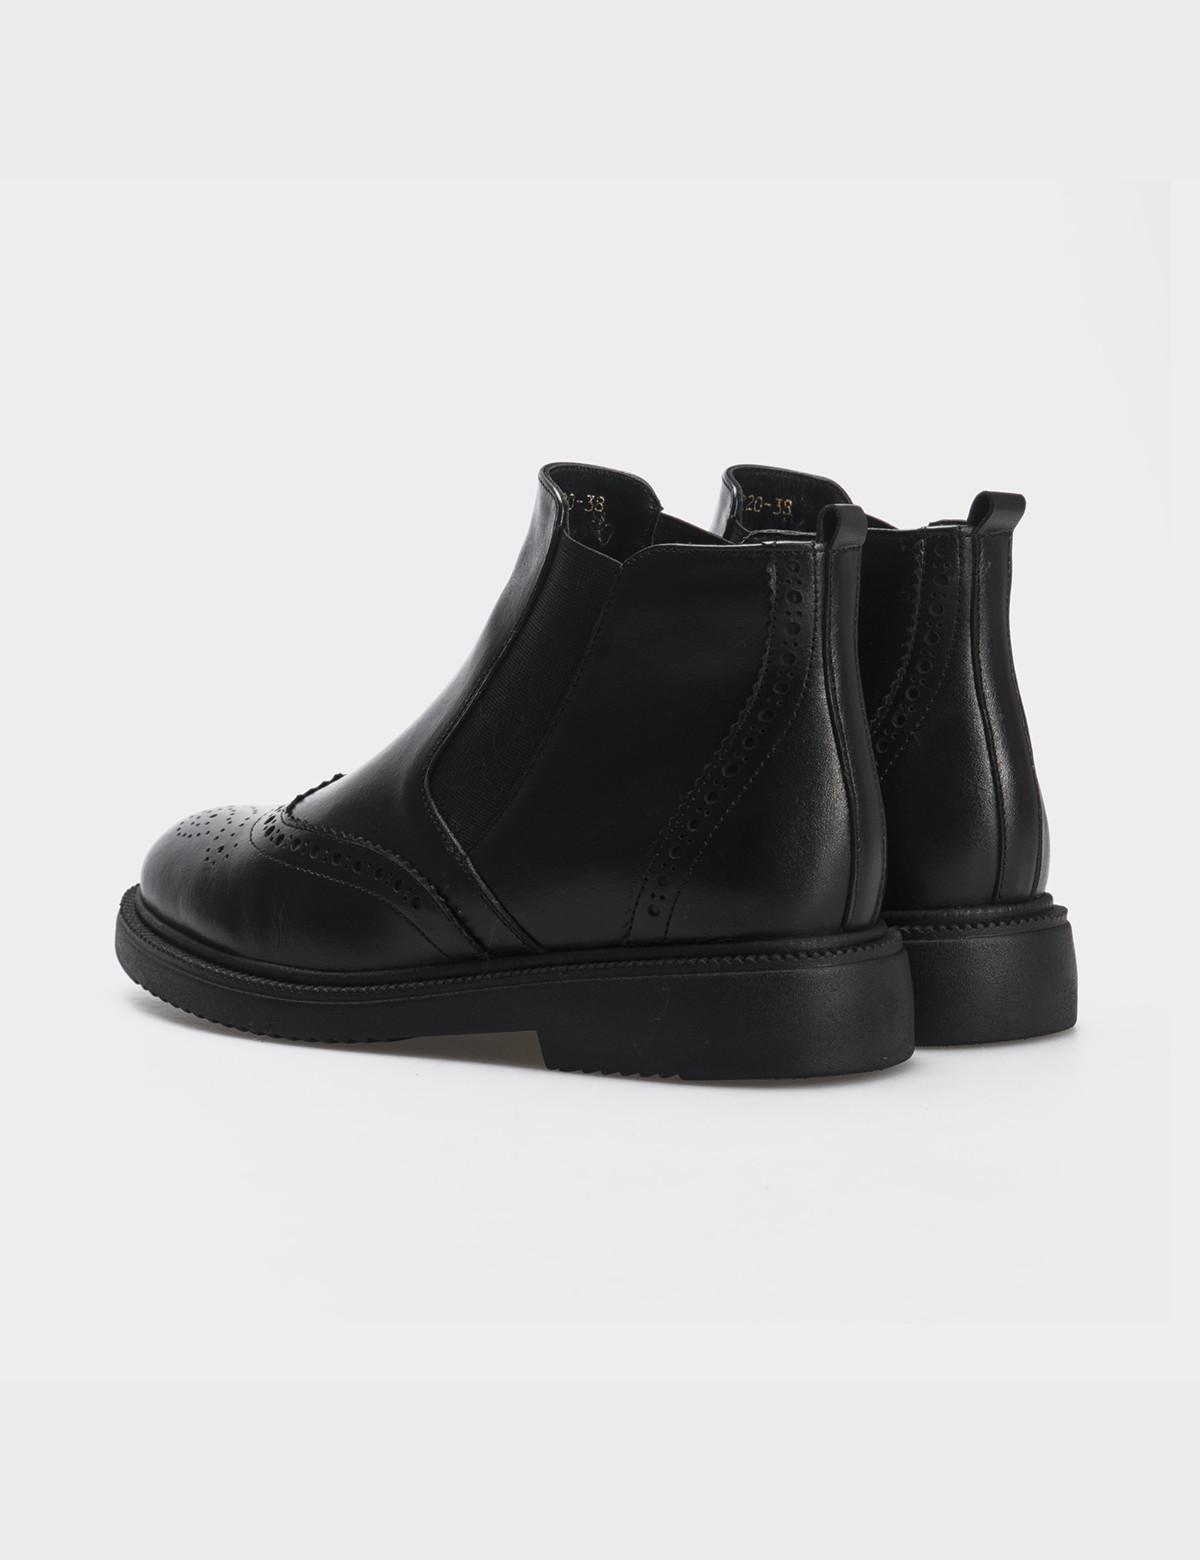 Ботинки черные, натуральная кожа. Байка 2